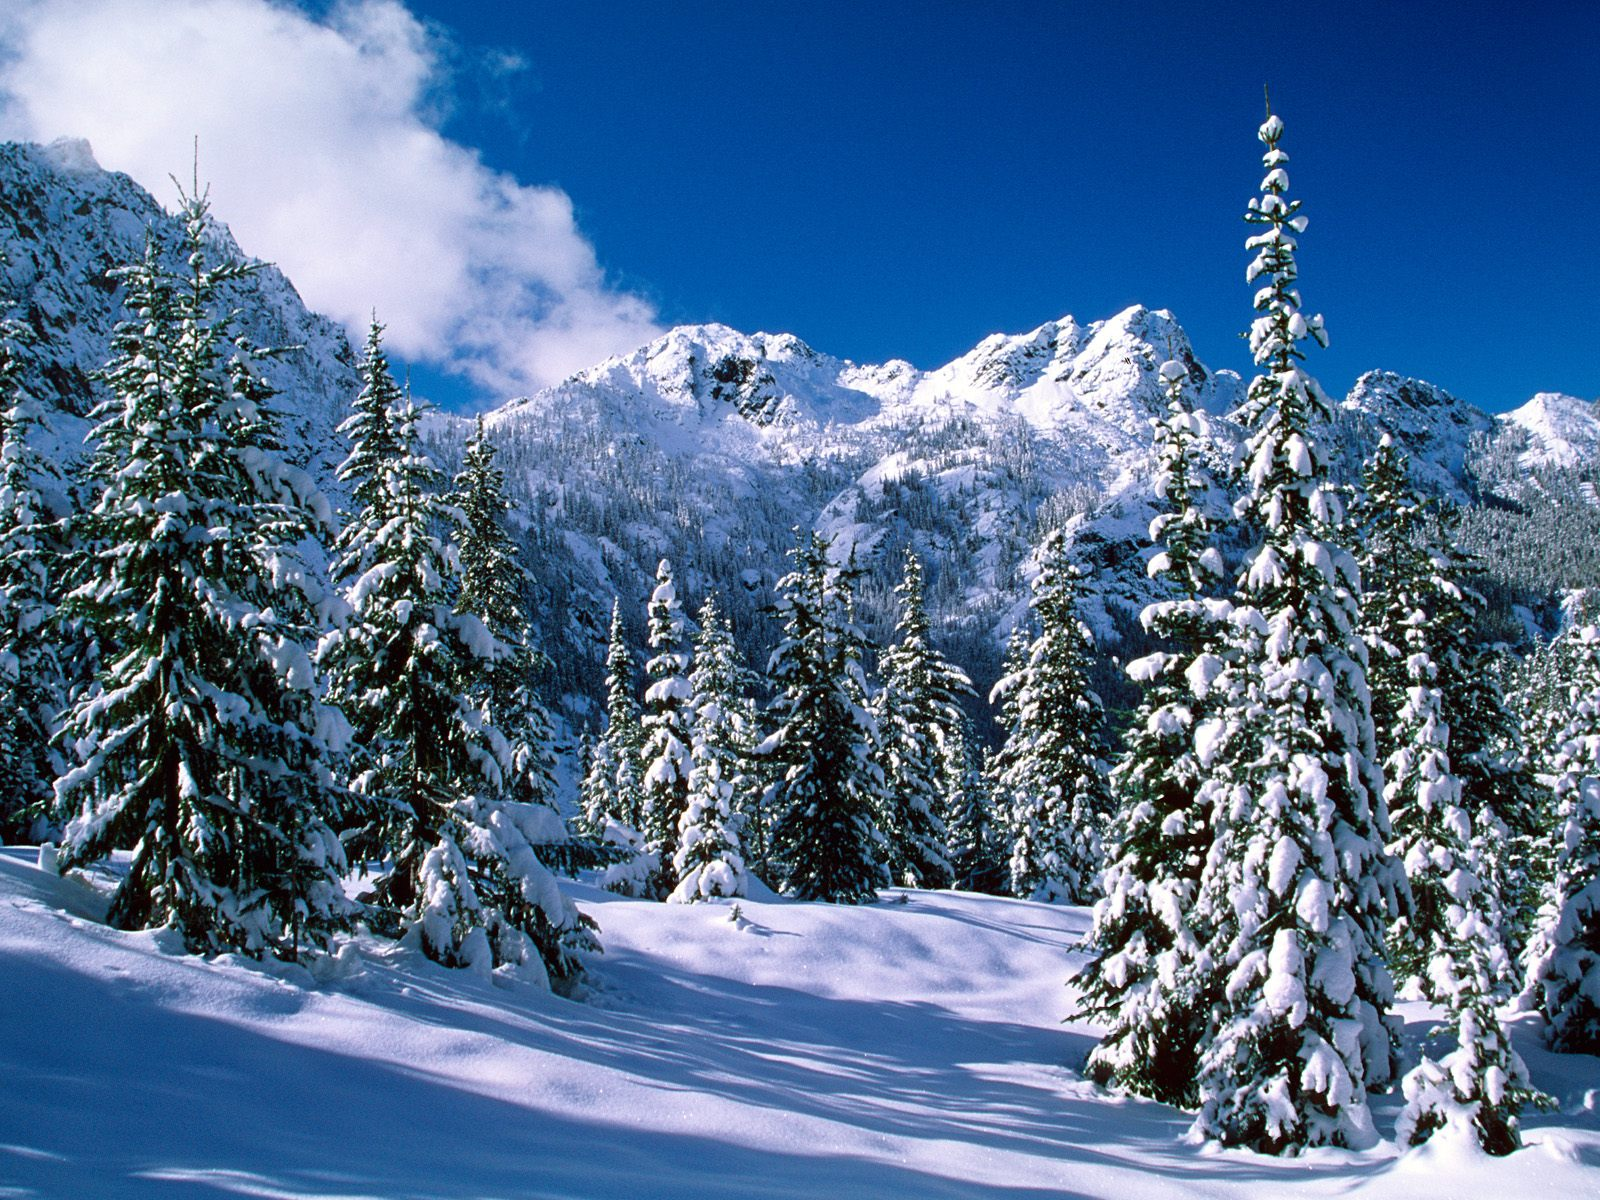 http://4.bp.blogspot.com/-9ZWHXxWO9zM/T91BSvrZXqI/AAAAAAAAGAE/9zZEAWRJrm8/s1600/winter-wallpaper-10.jpg